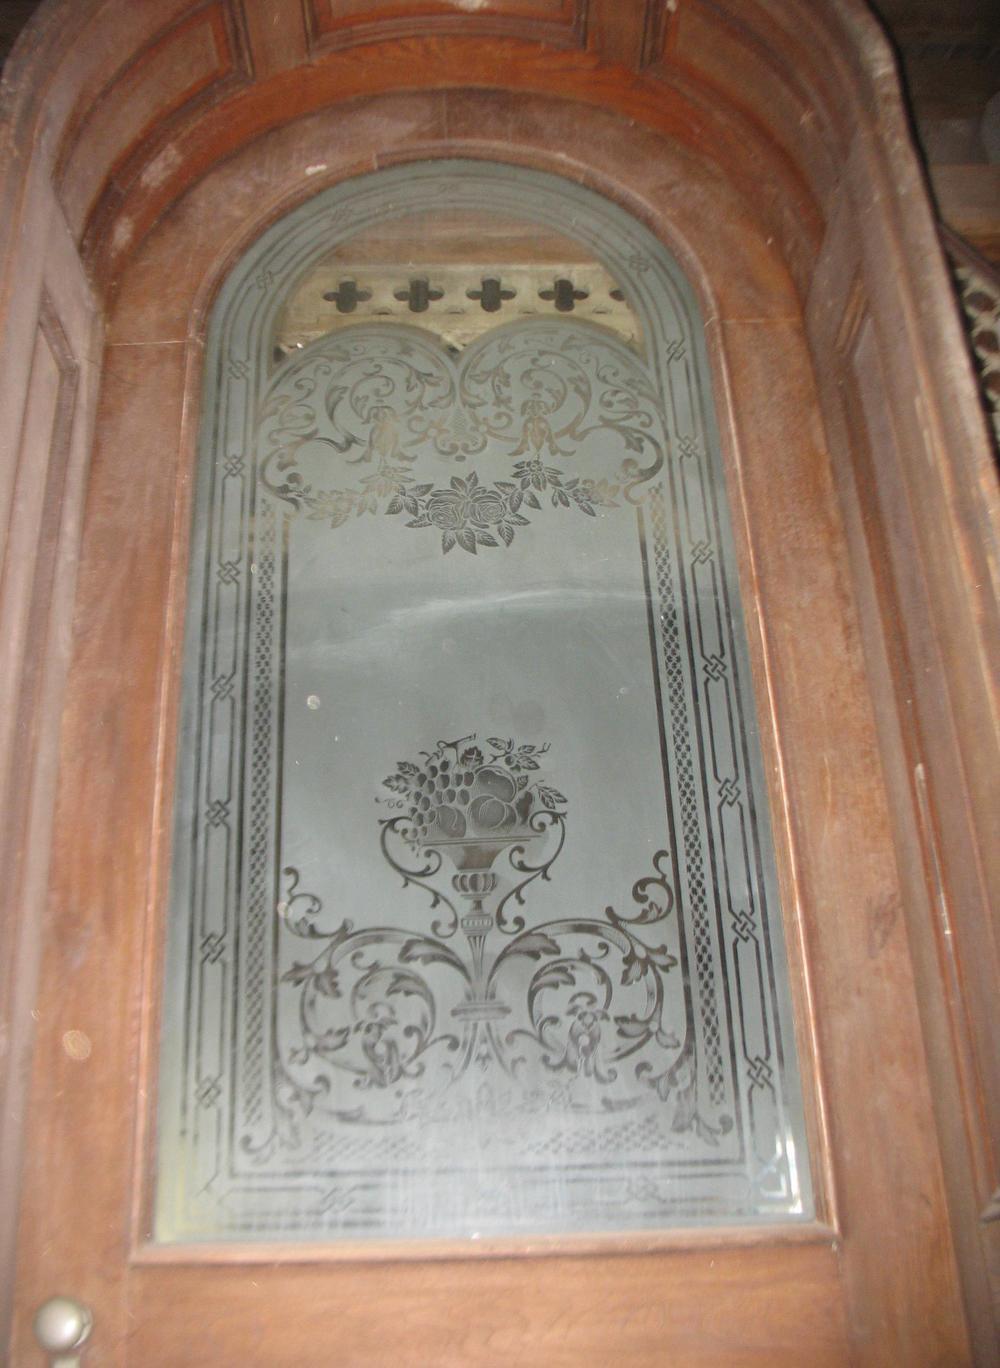 Detail of deep etching in center glass of door